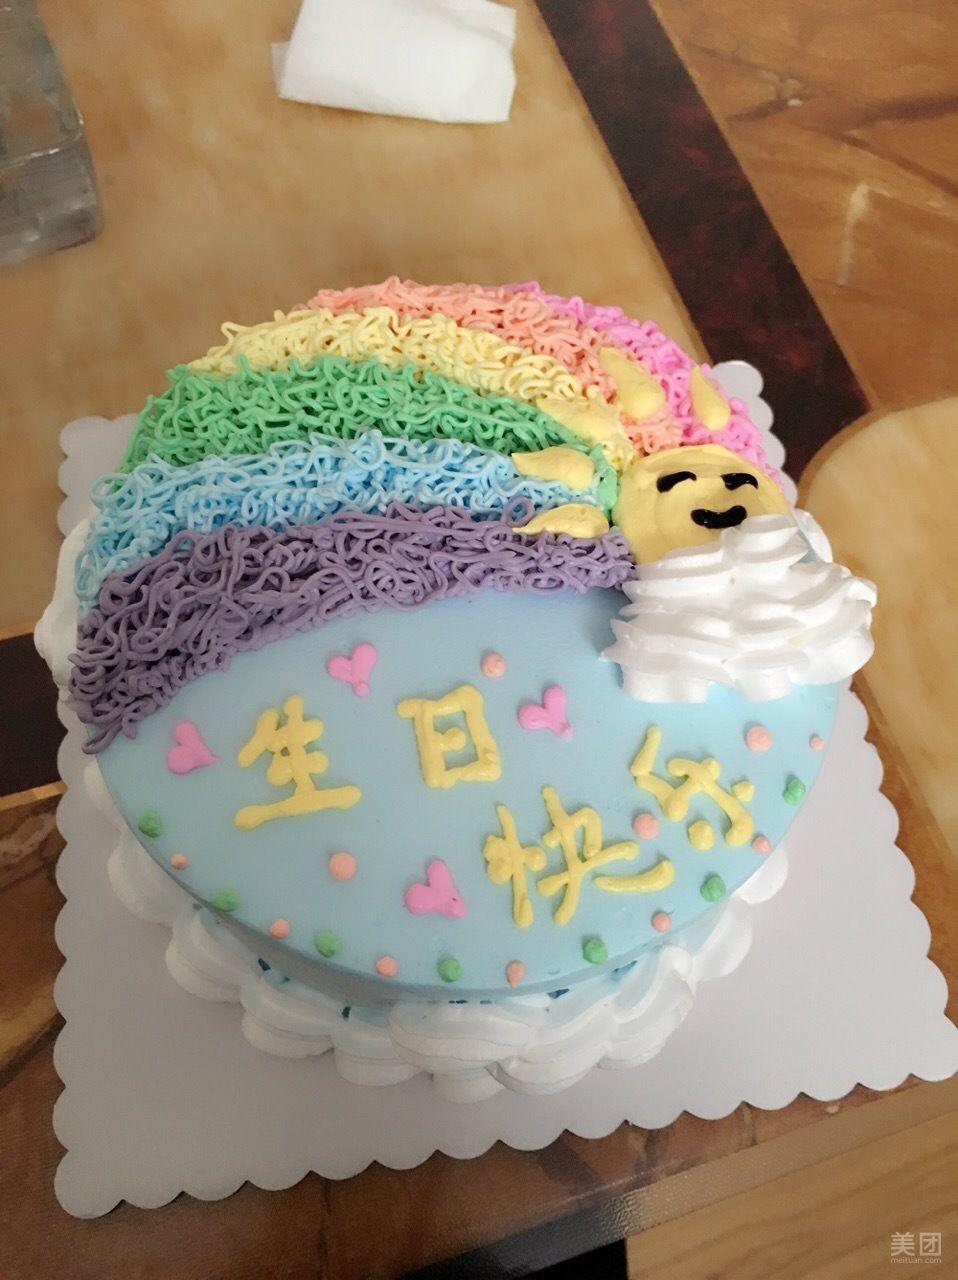 彩虹切块蛋糕